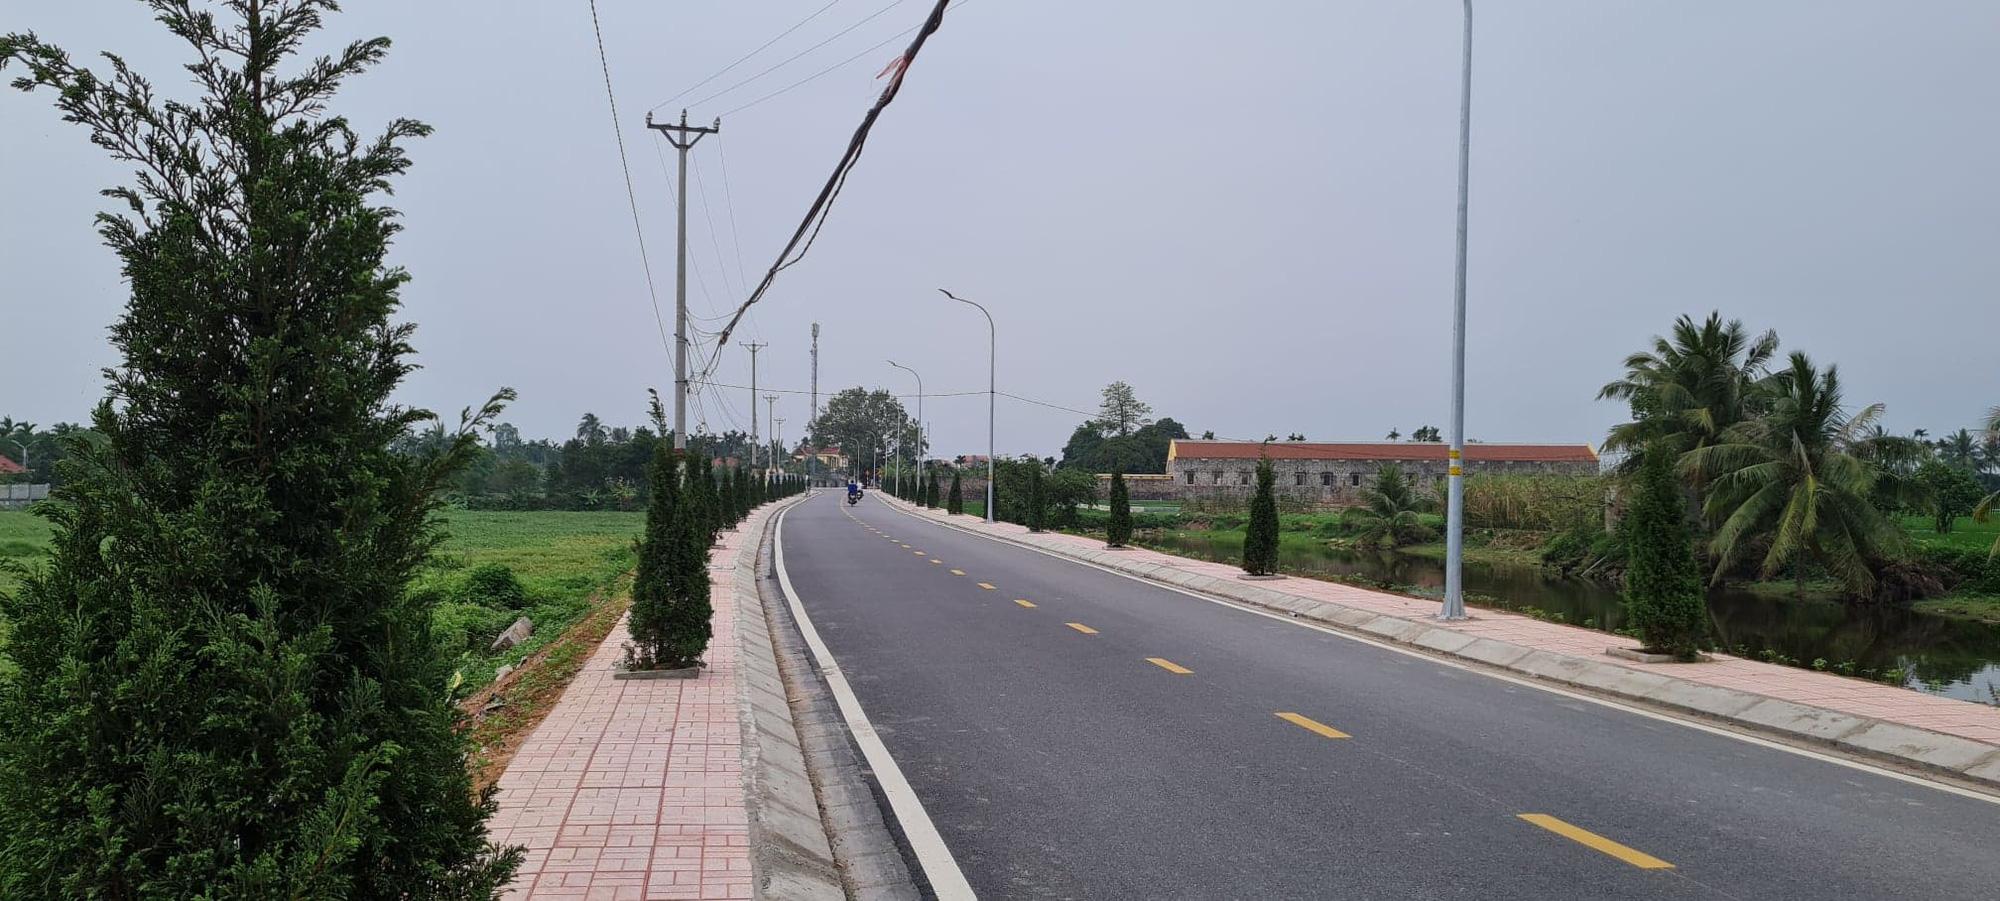 Những dấu ấn của Bí thư Thành ủy Lê Văn Thành ở Hải Phòng  - Ảnh 4.